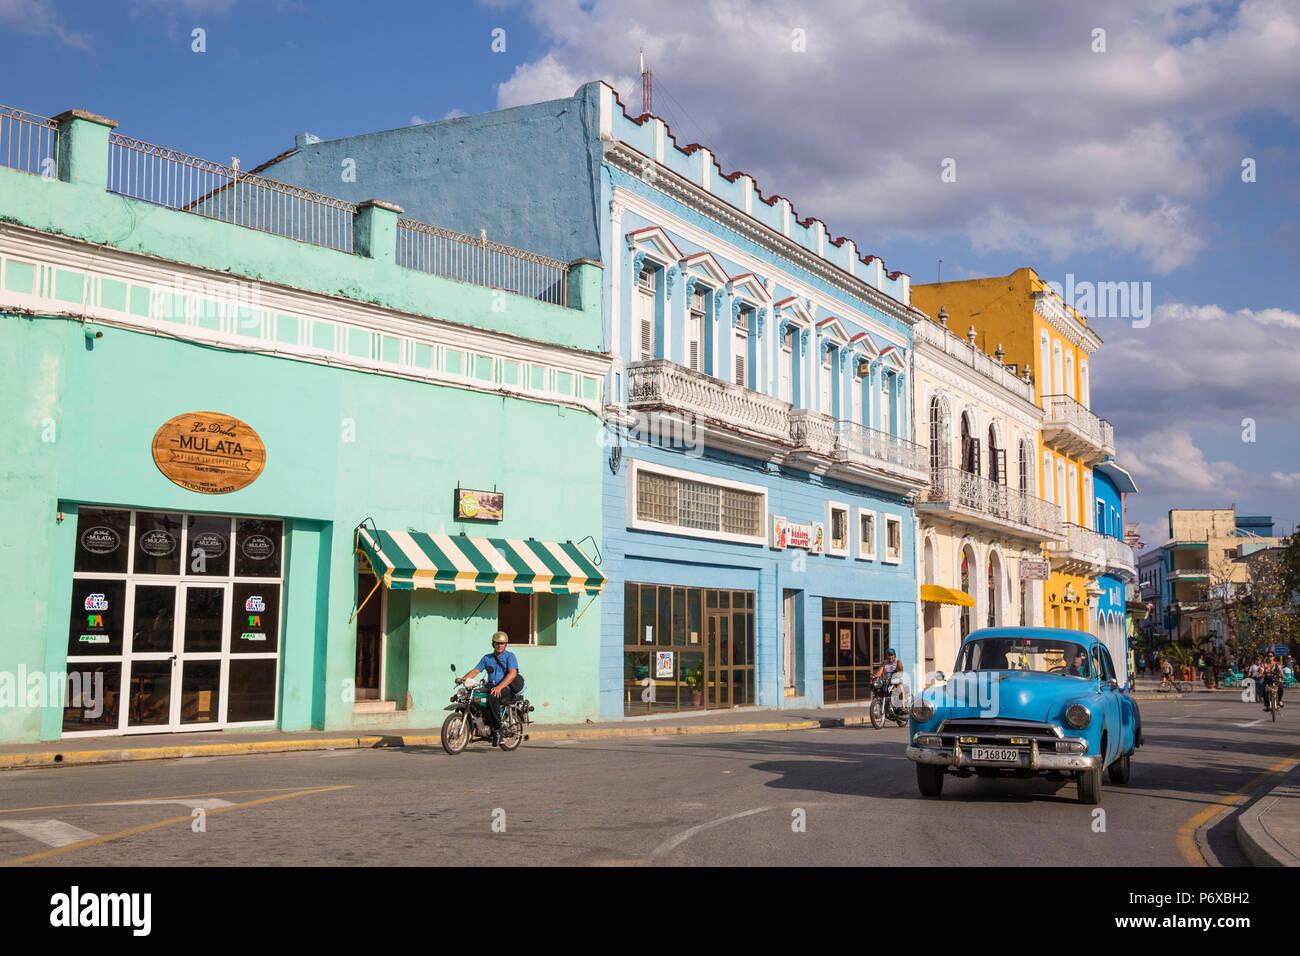 Cuba, Sancti Spiritus, Sancti Spiritus, Edifici fodera Parque Serafin Sanchez, (la piazza principale) Immagini Stock